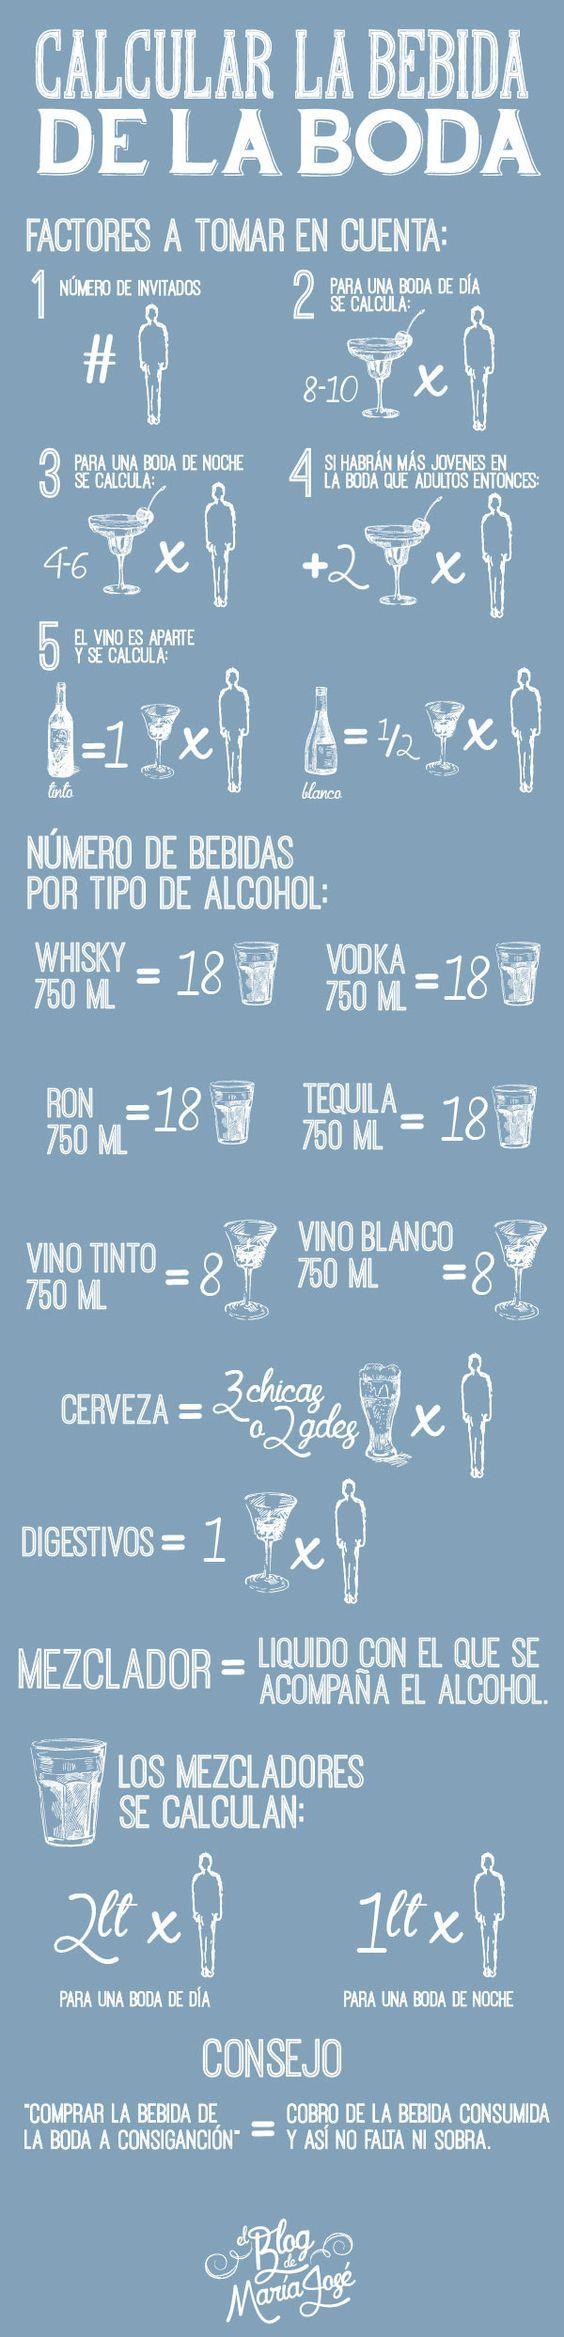 ¿Cómo calcular la bebida de la boda? #MeCaso